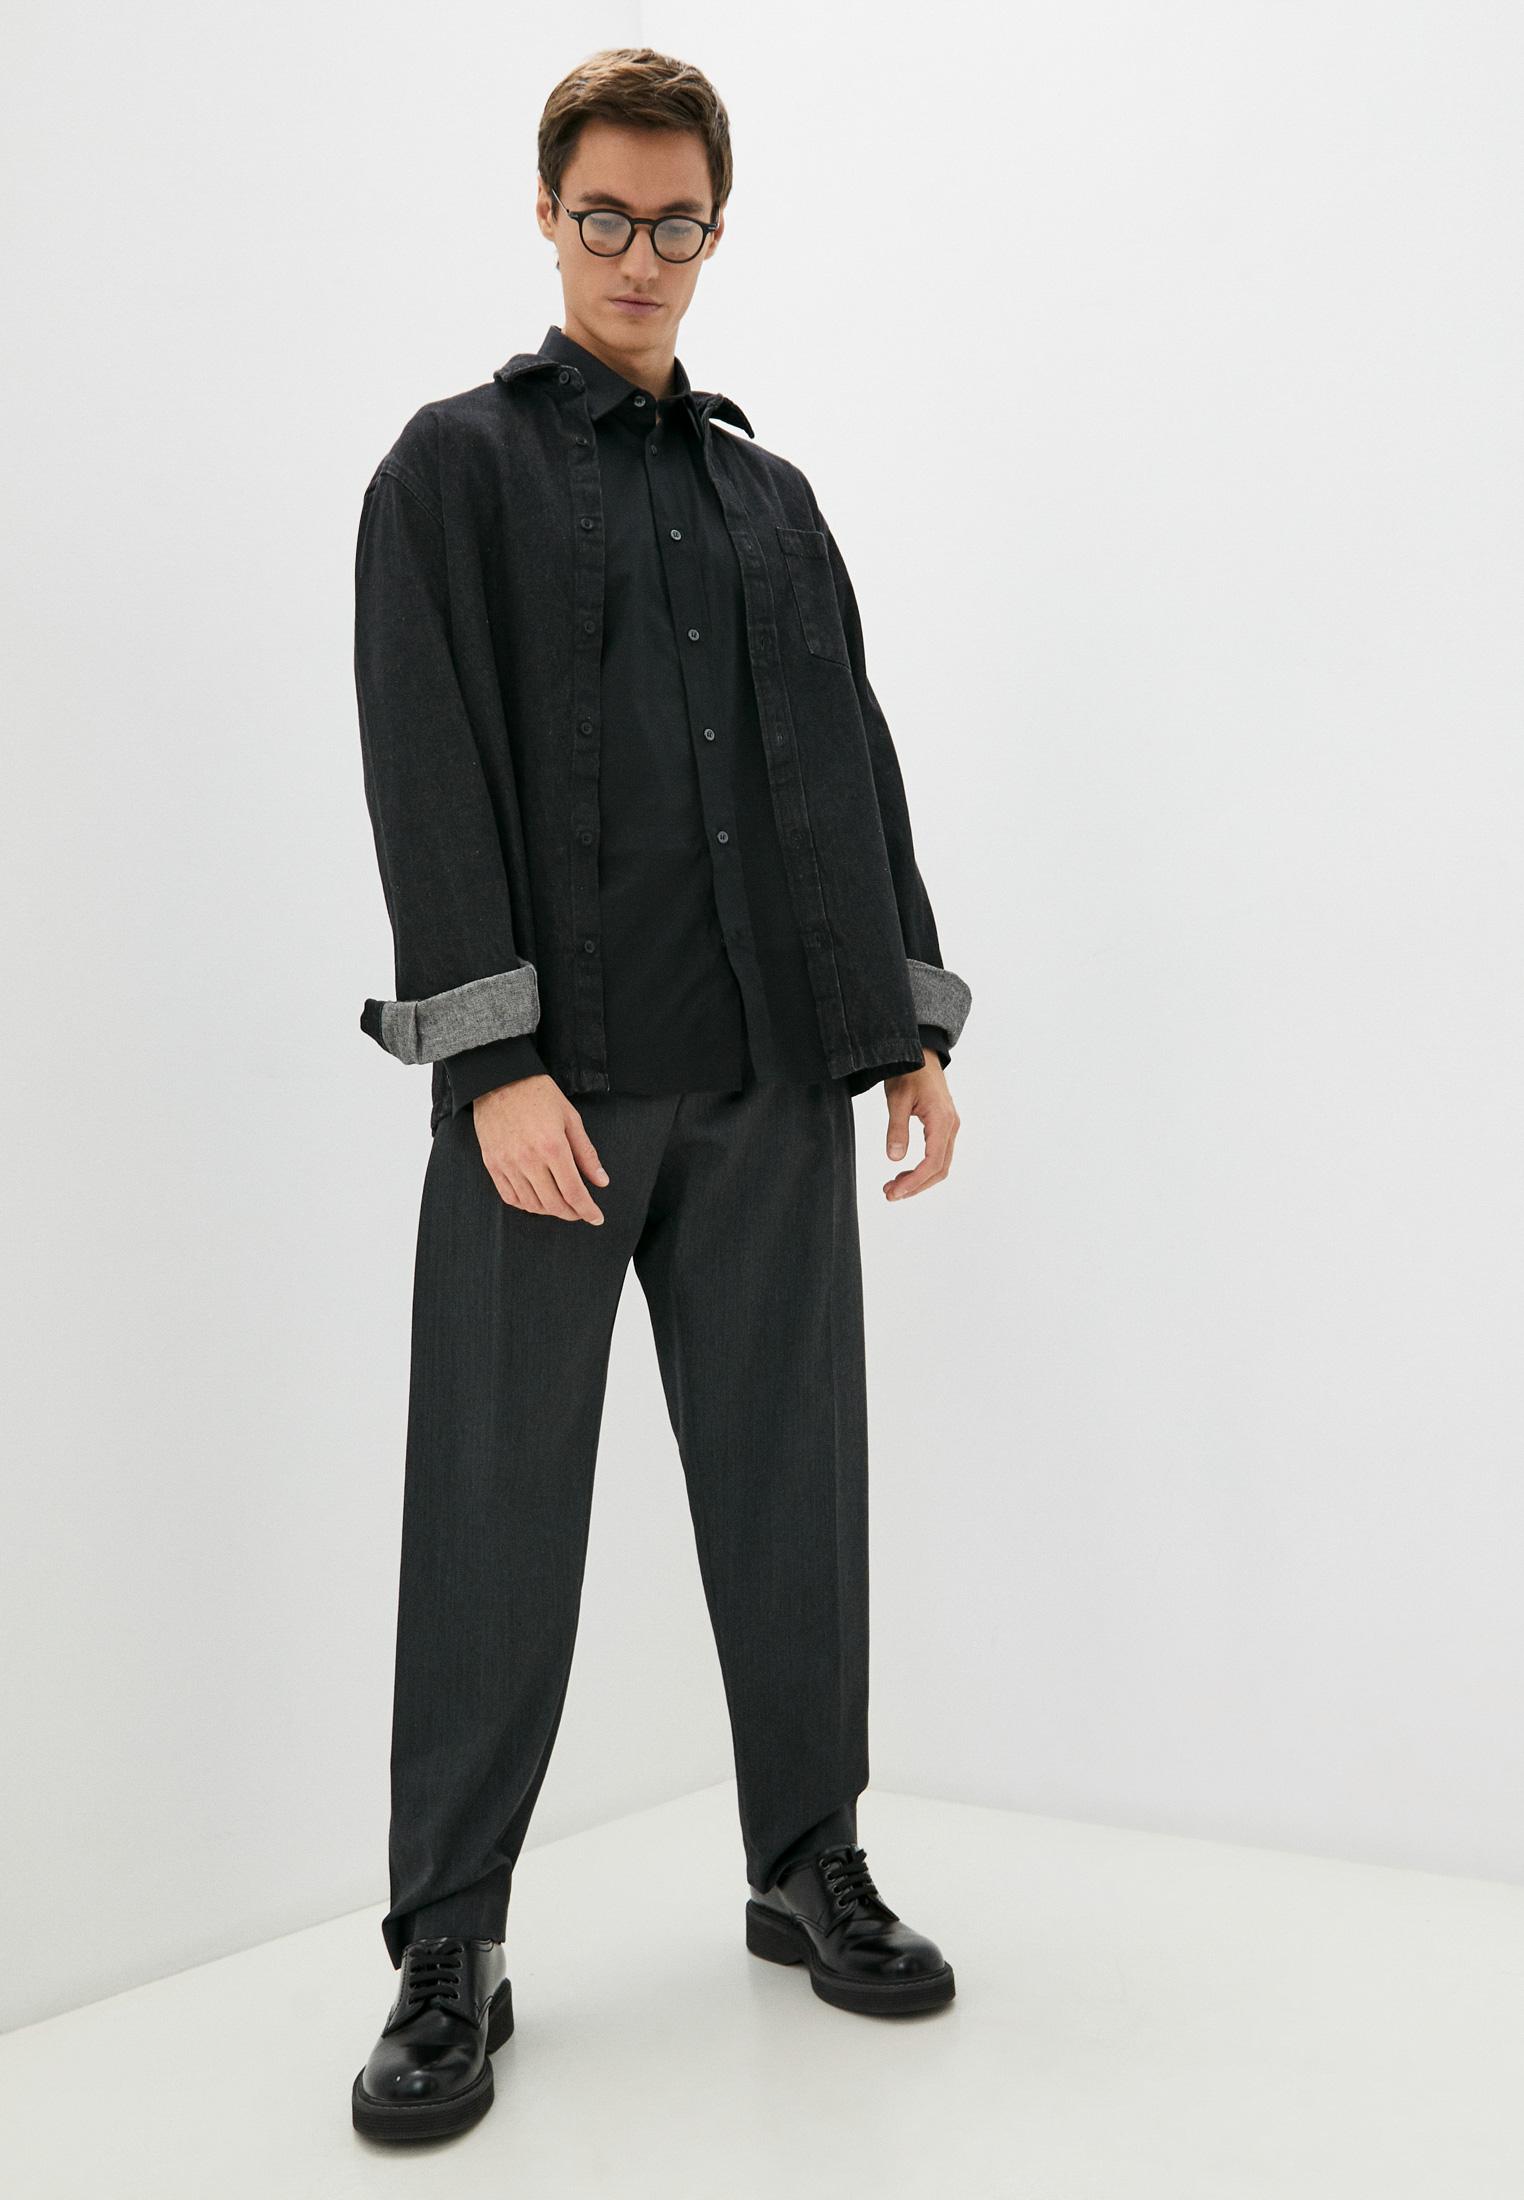 Мужские классические брюки Bikkembergs (Биккембергс) C P 038 00 S 3331: изображение 3